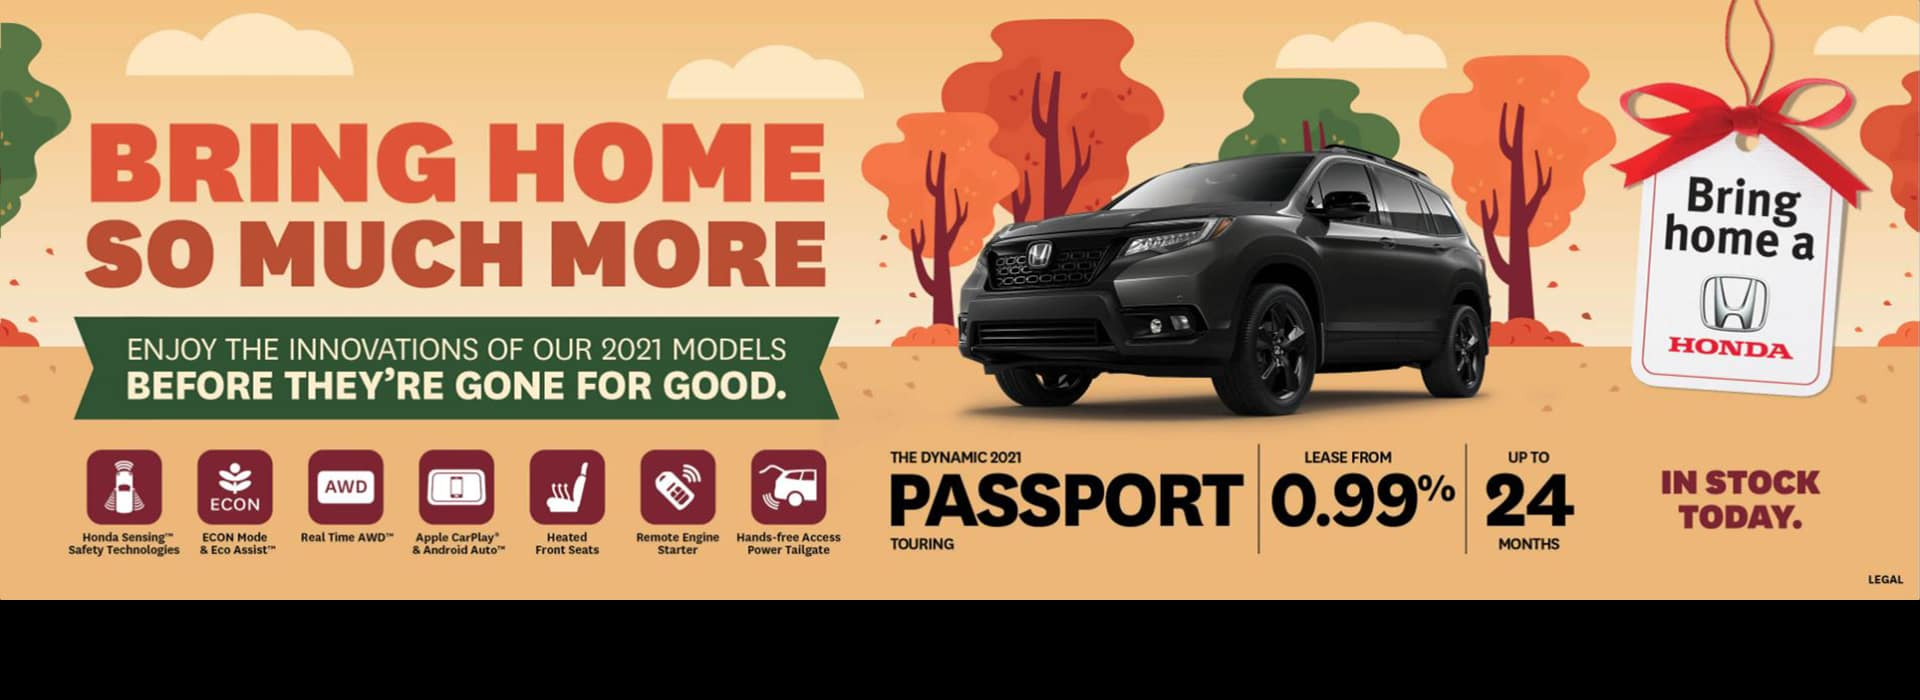 Bring_Home_A_Honda_Passport_Desktop_Oct_1